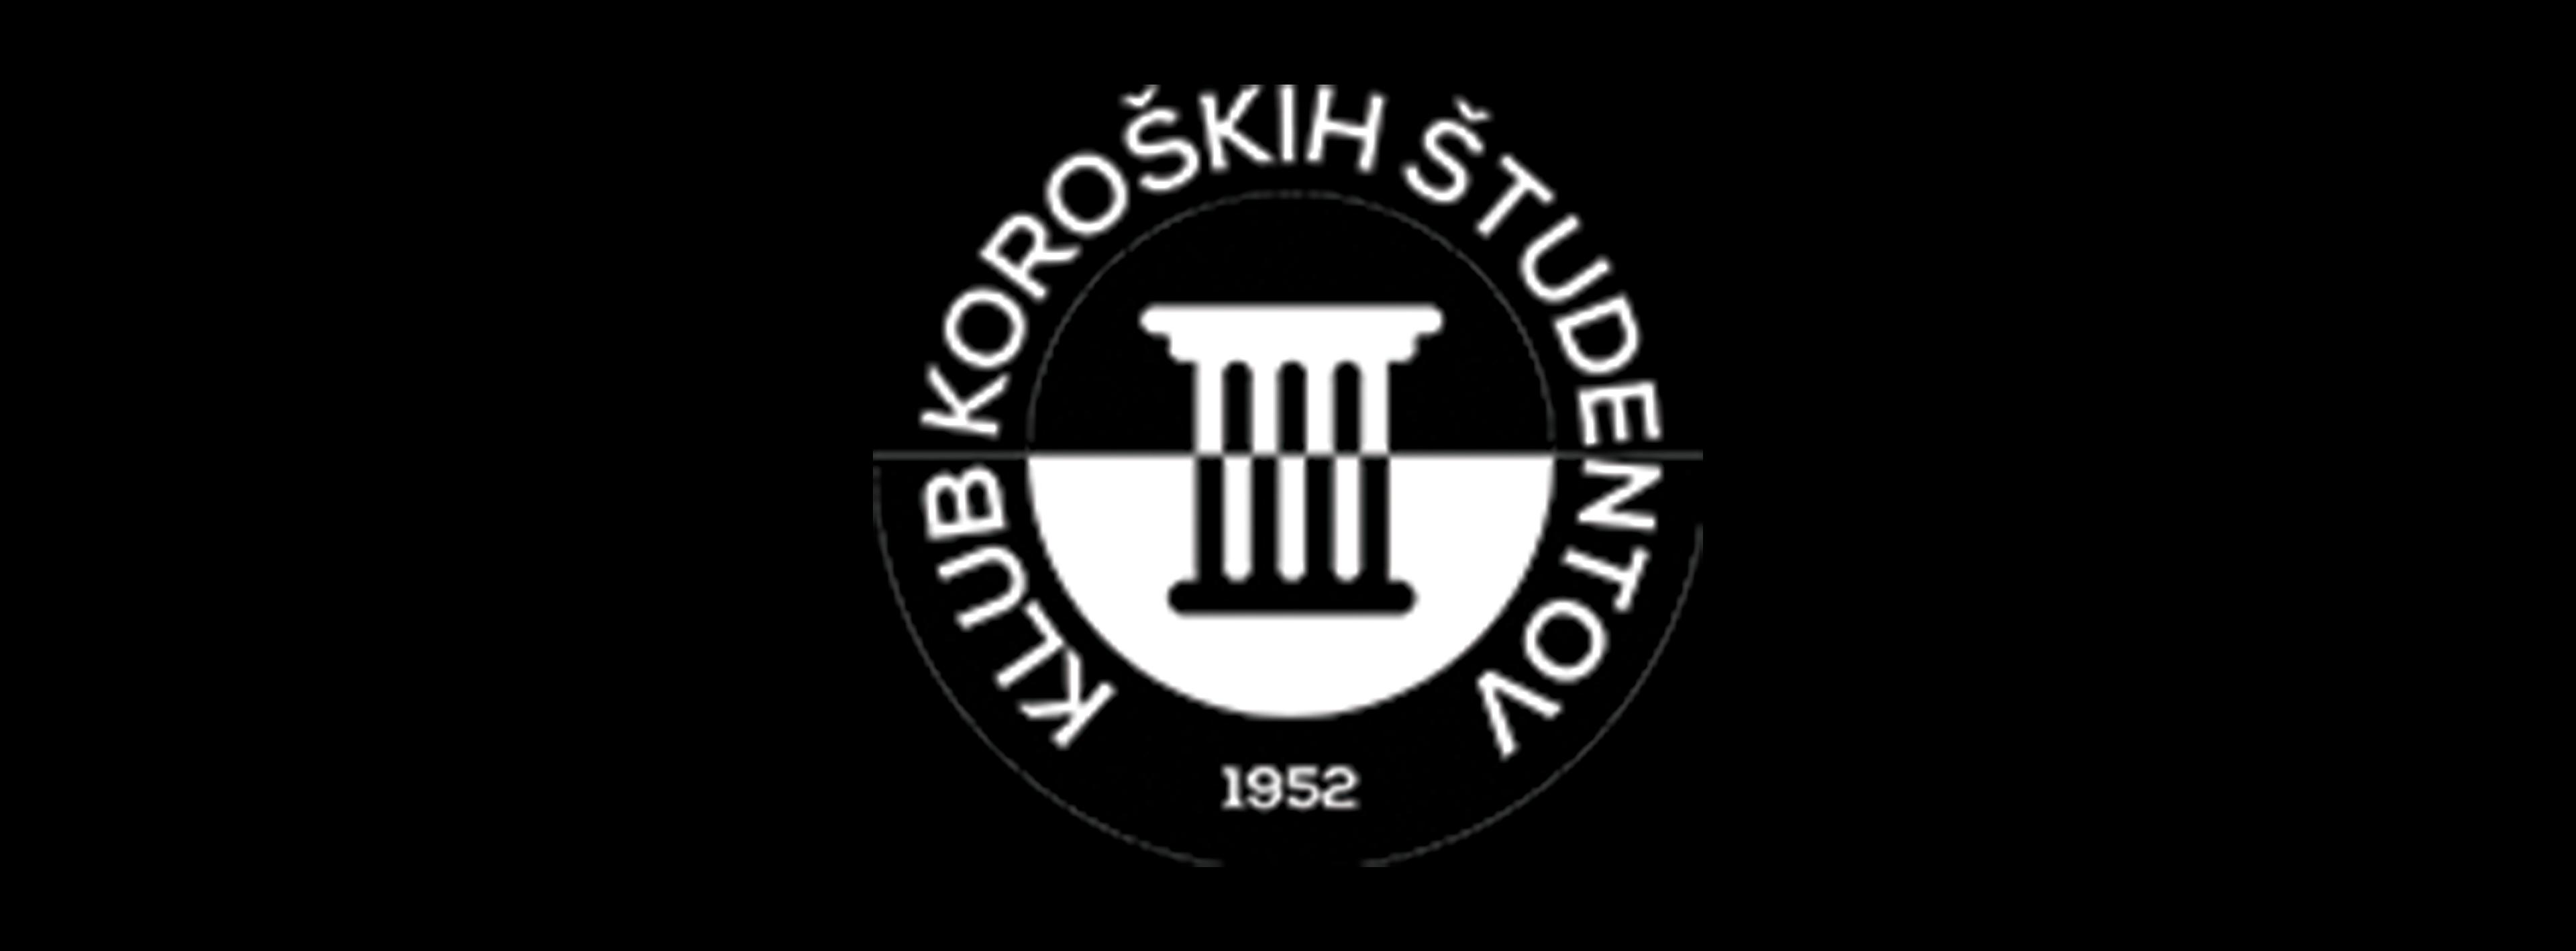 Koroska_a